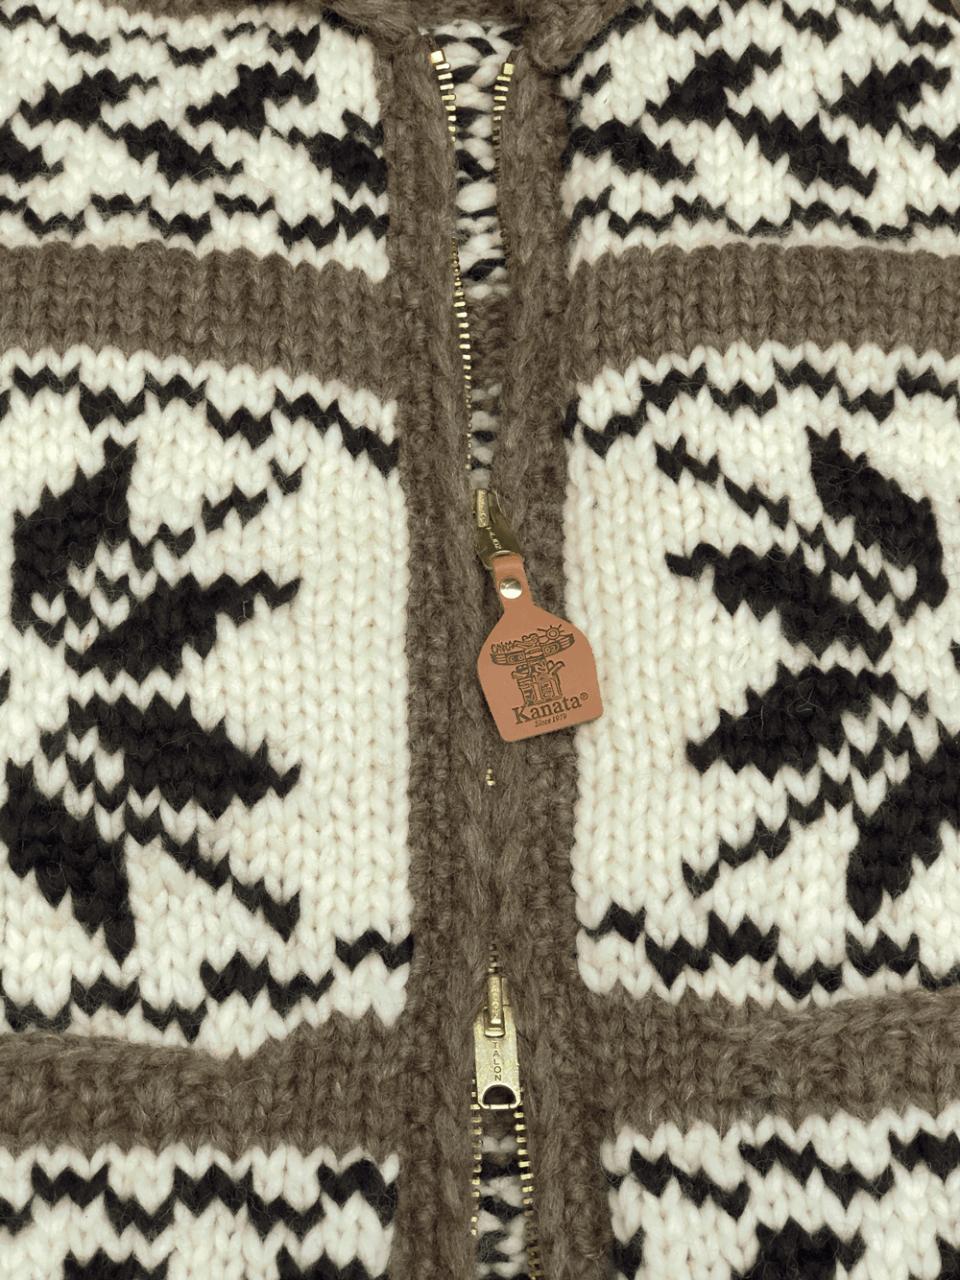 Kanata Wool Jacket - brown